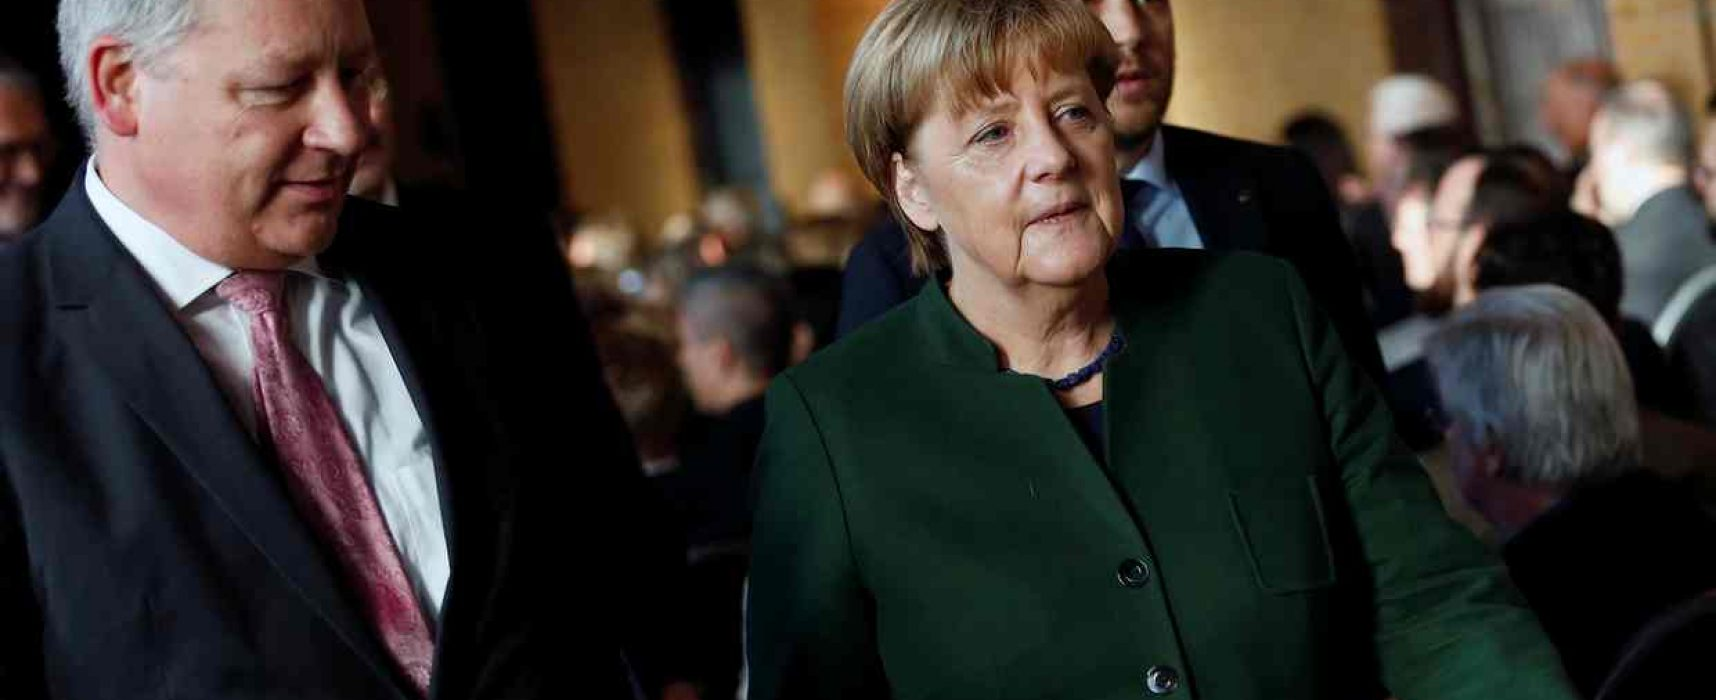 El País: Alemania teme una guerra de propaganda y cibernética rusa